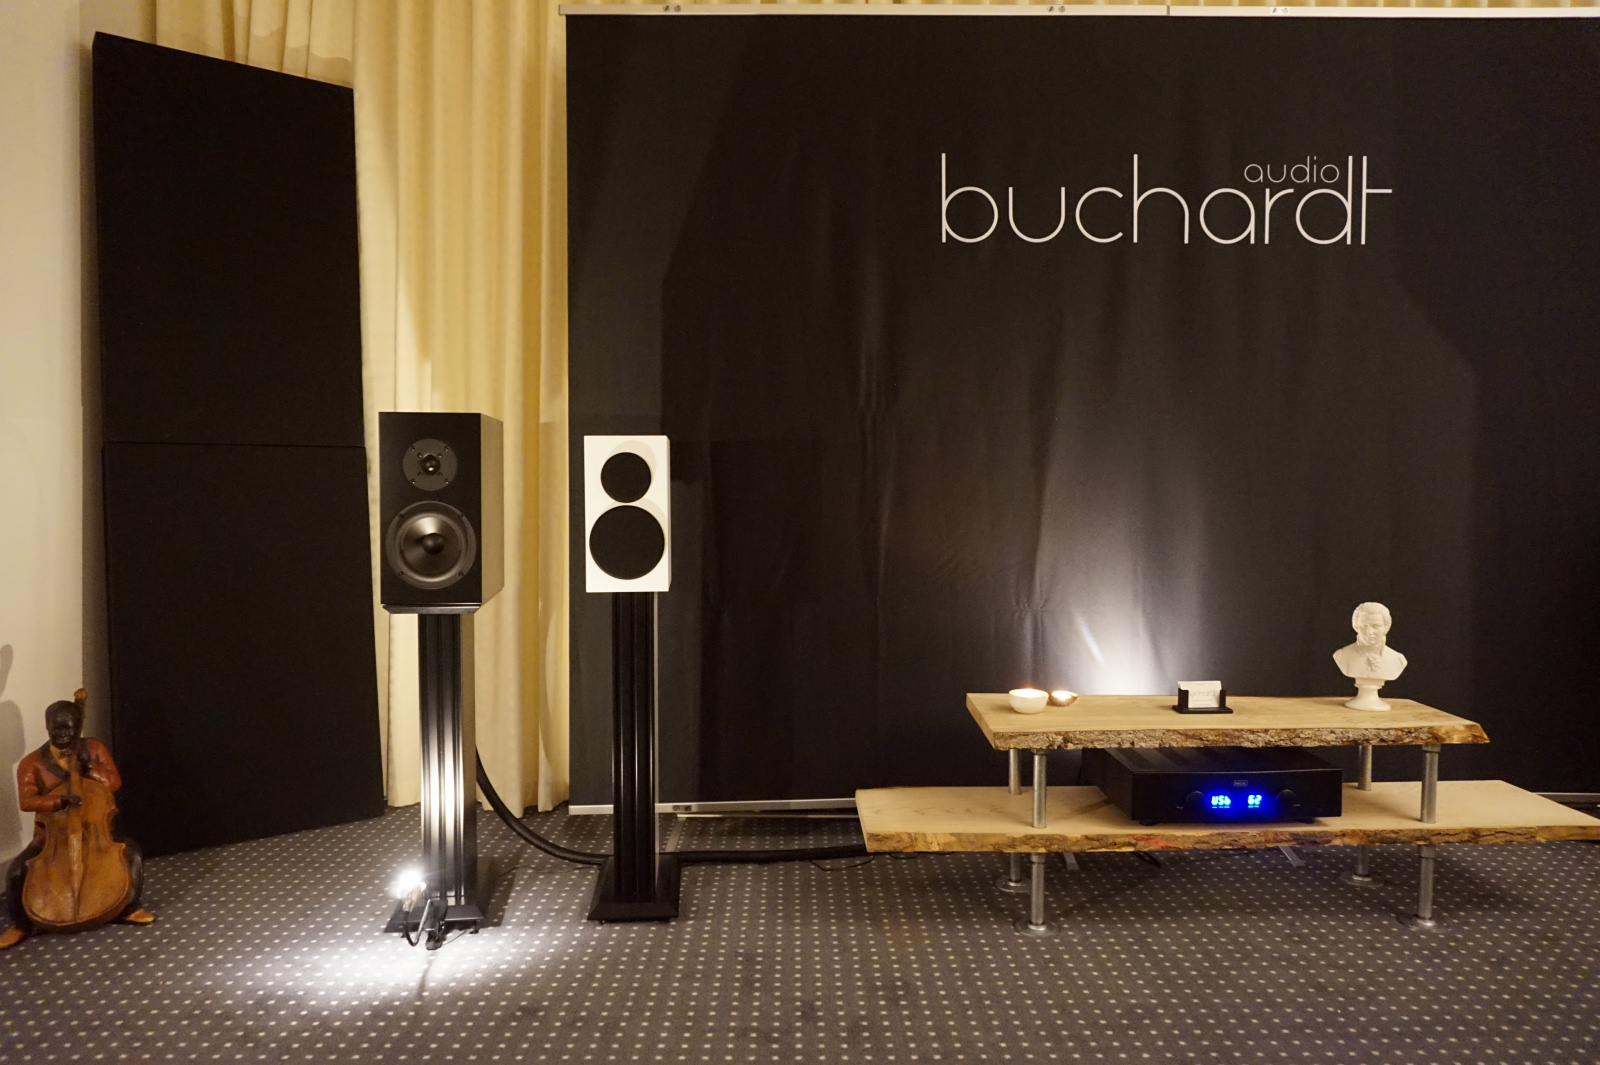 """Buchardt Audio havde fået ekstra god plads i år. Der blev spillet på S200 og S300 MK II. Elektronikken var fra Hegel """"så det er noget, som alle kender"""". Foto: John Alex Hvidlykke, Lyd & Billede"""